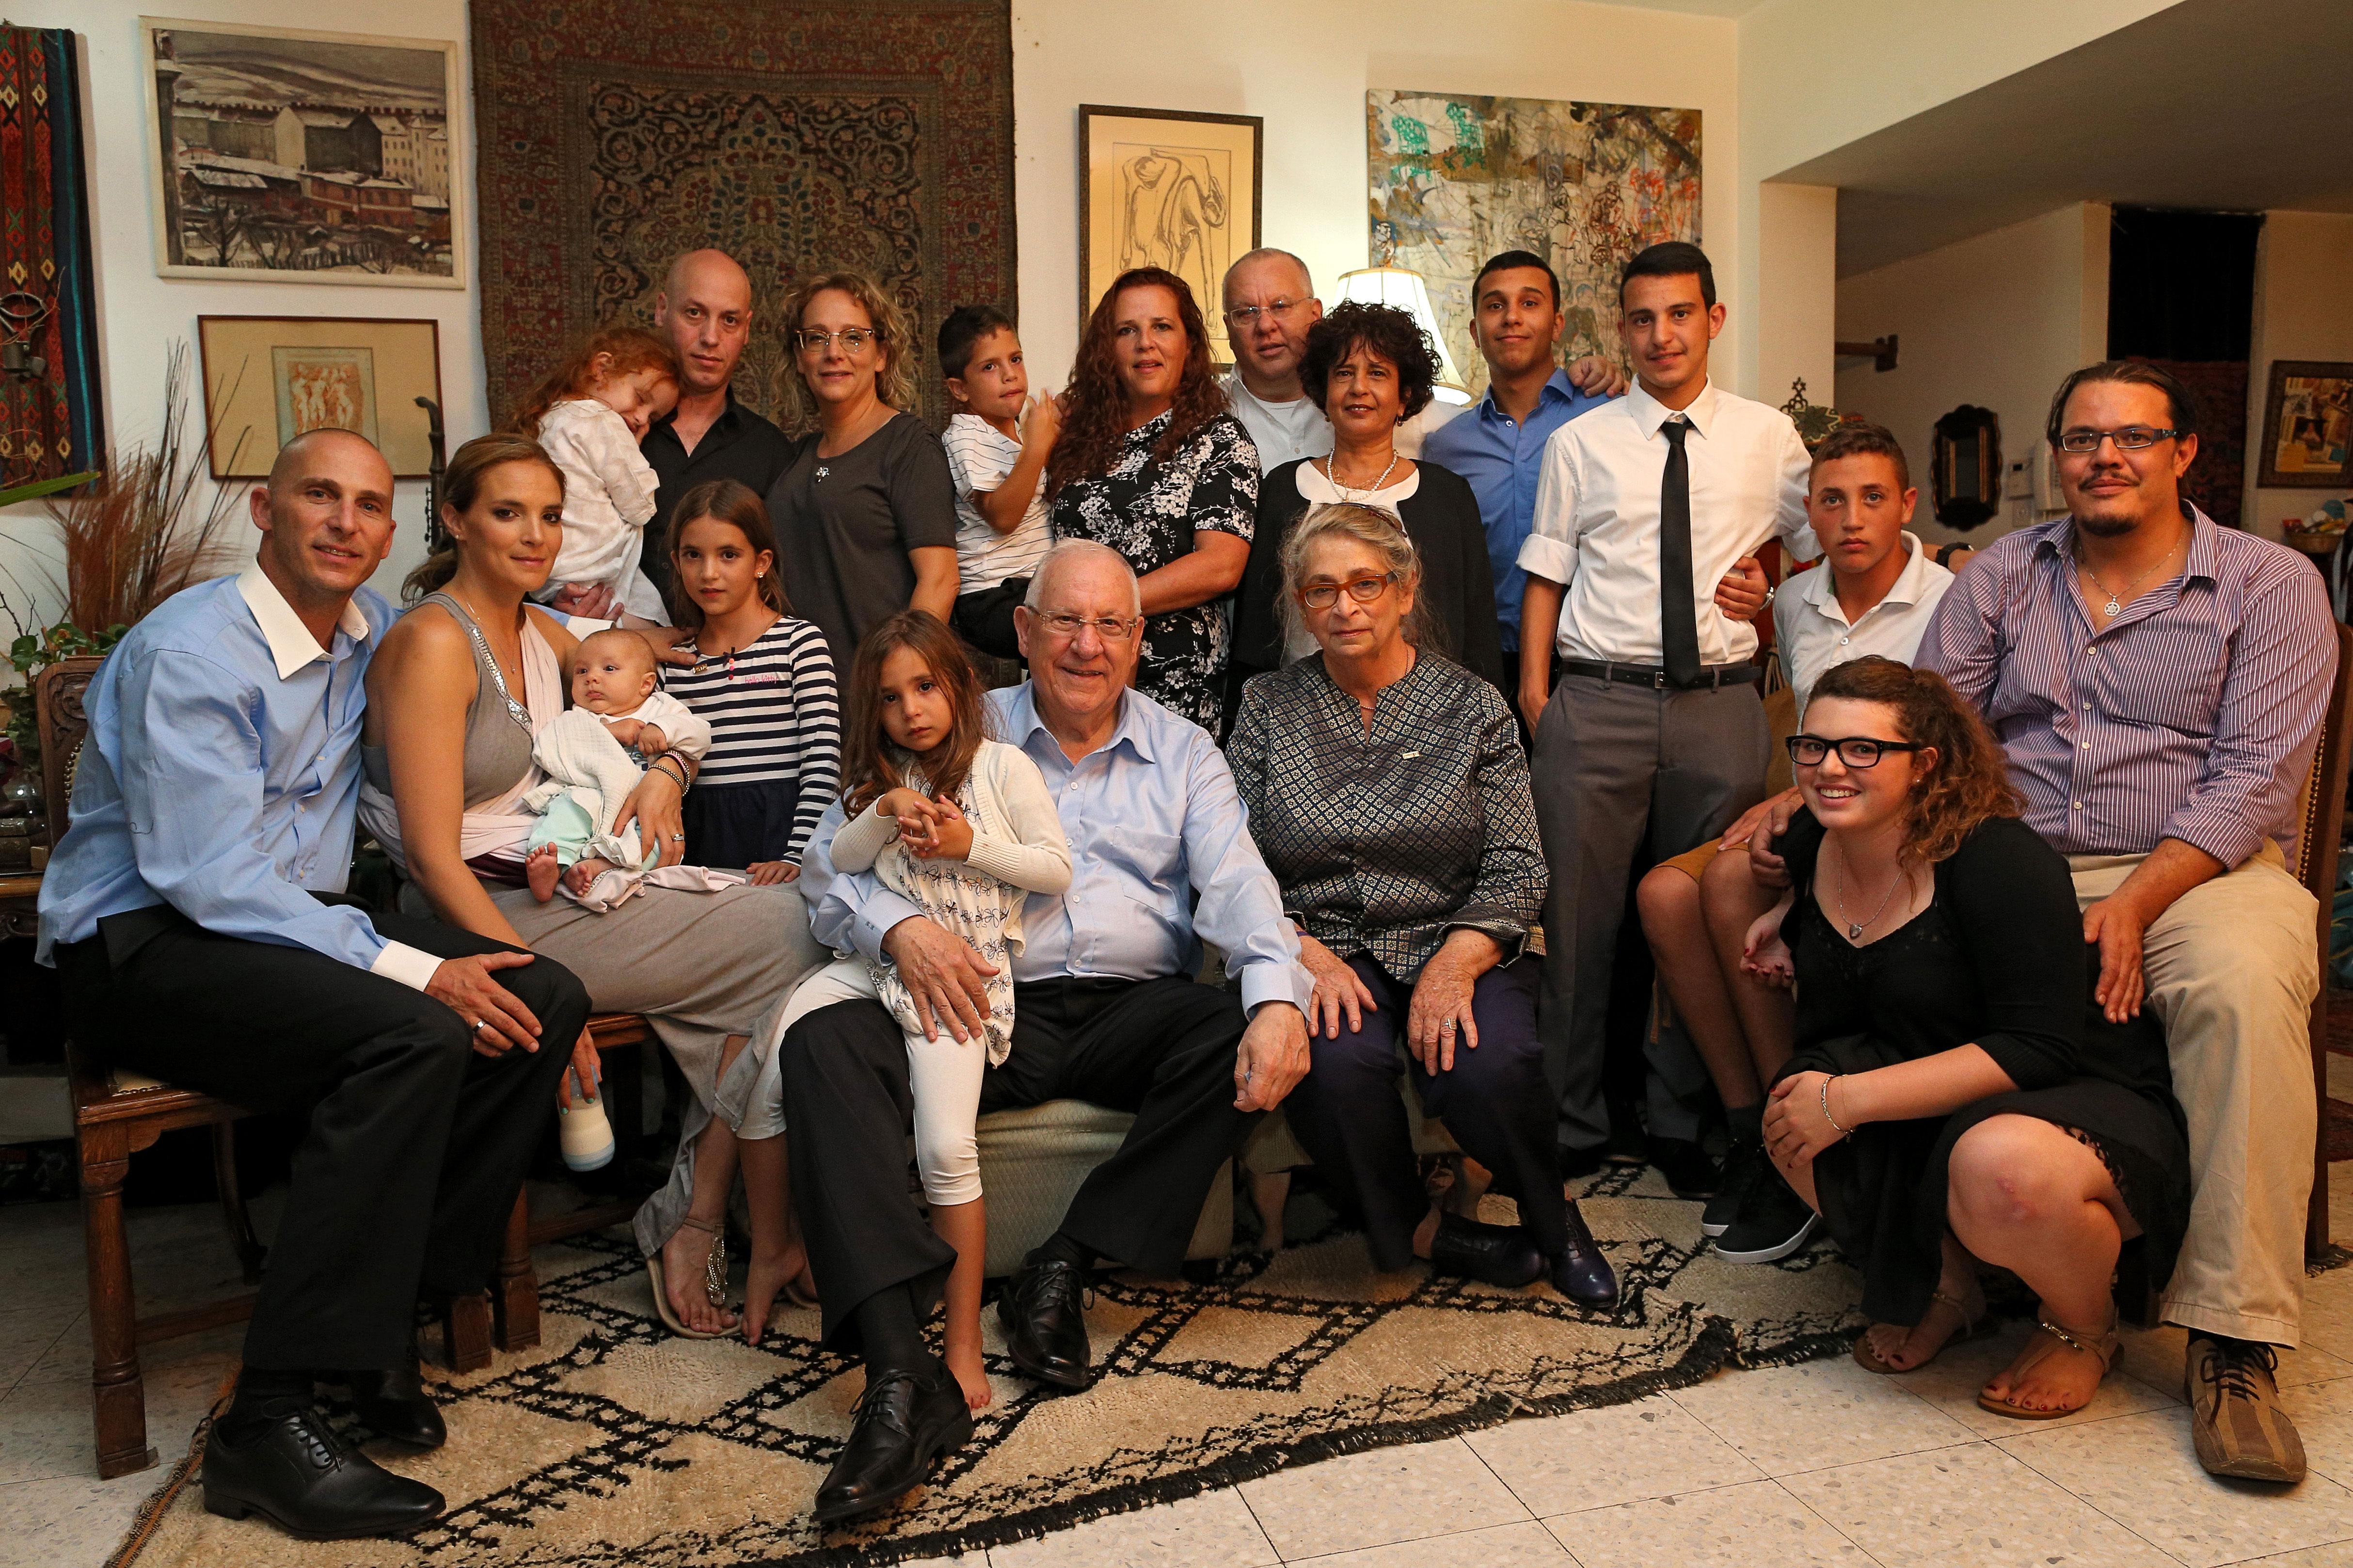 Большая семья Ривлин, 2014 год. Фото: Амит Шааби